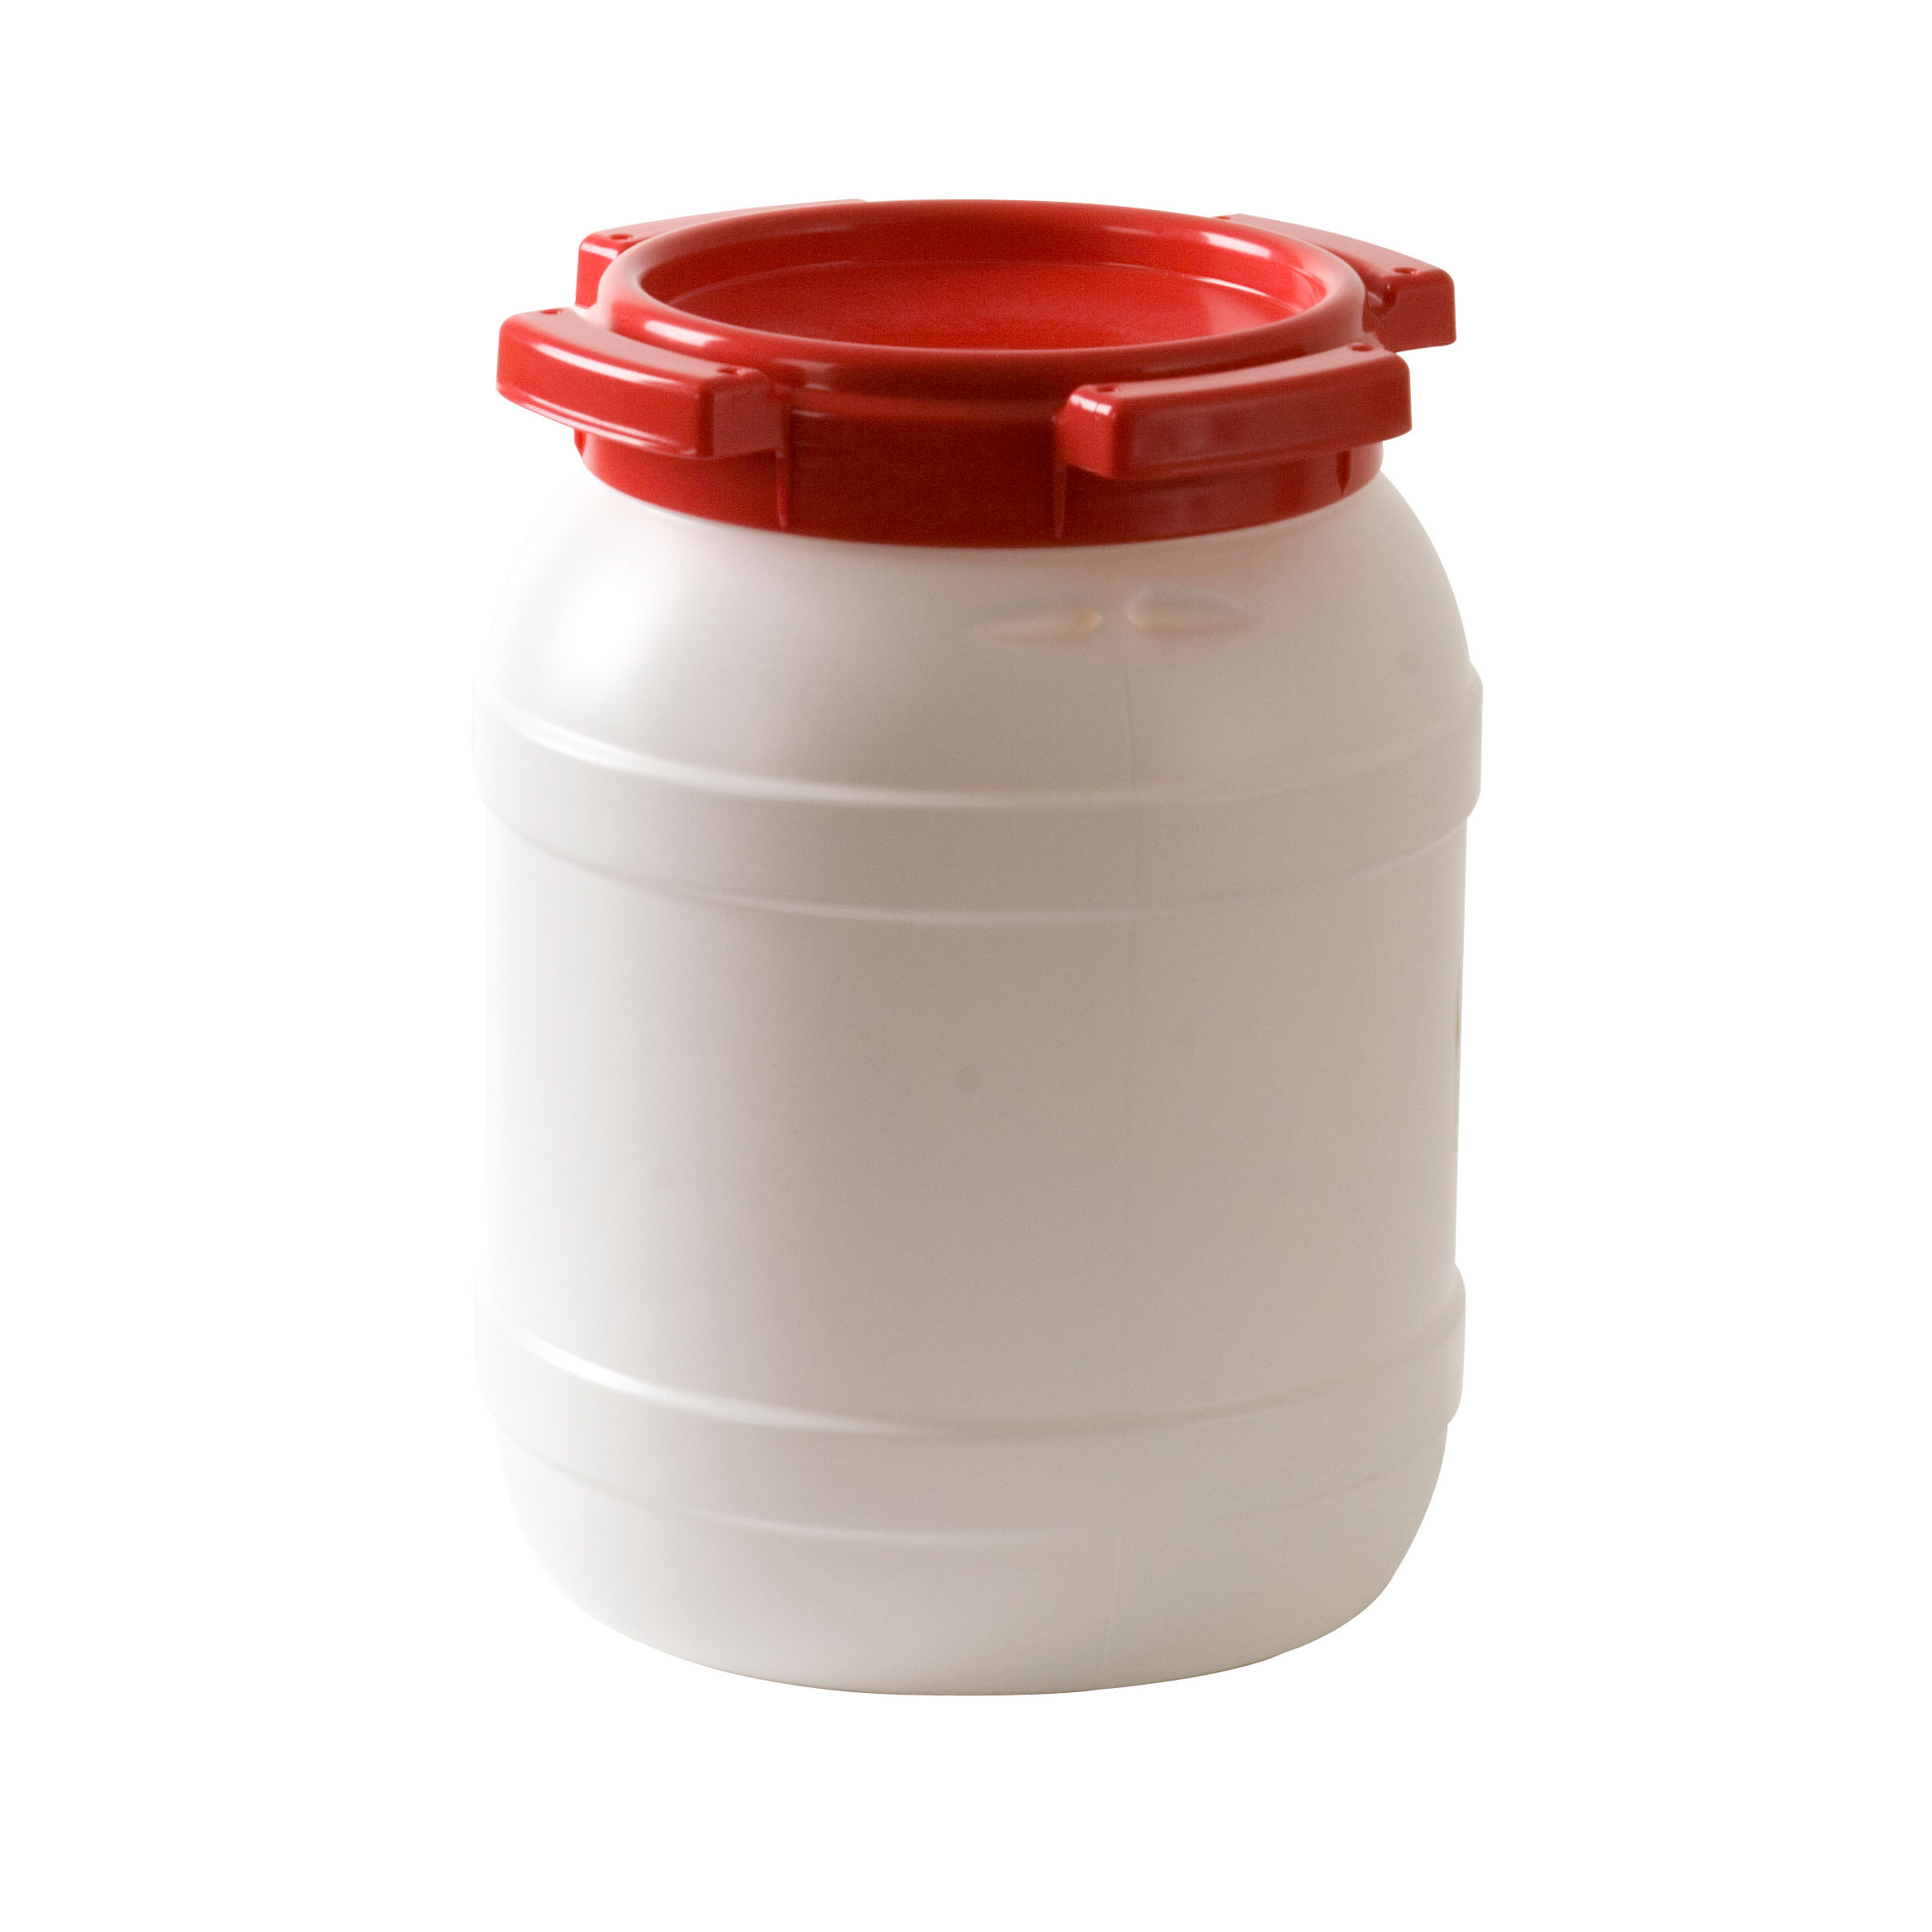 Afbeelding van Curtec Waterkluis 3,6 Liter